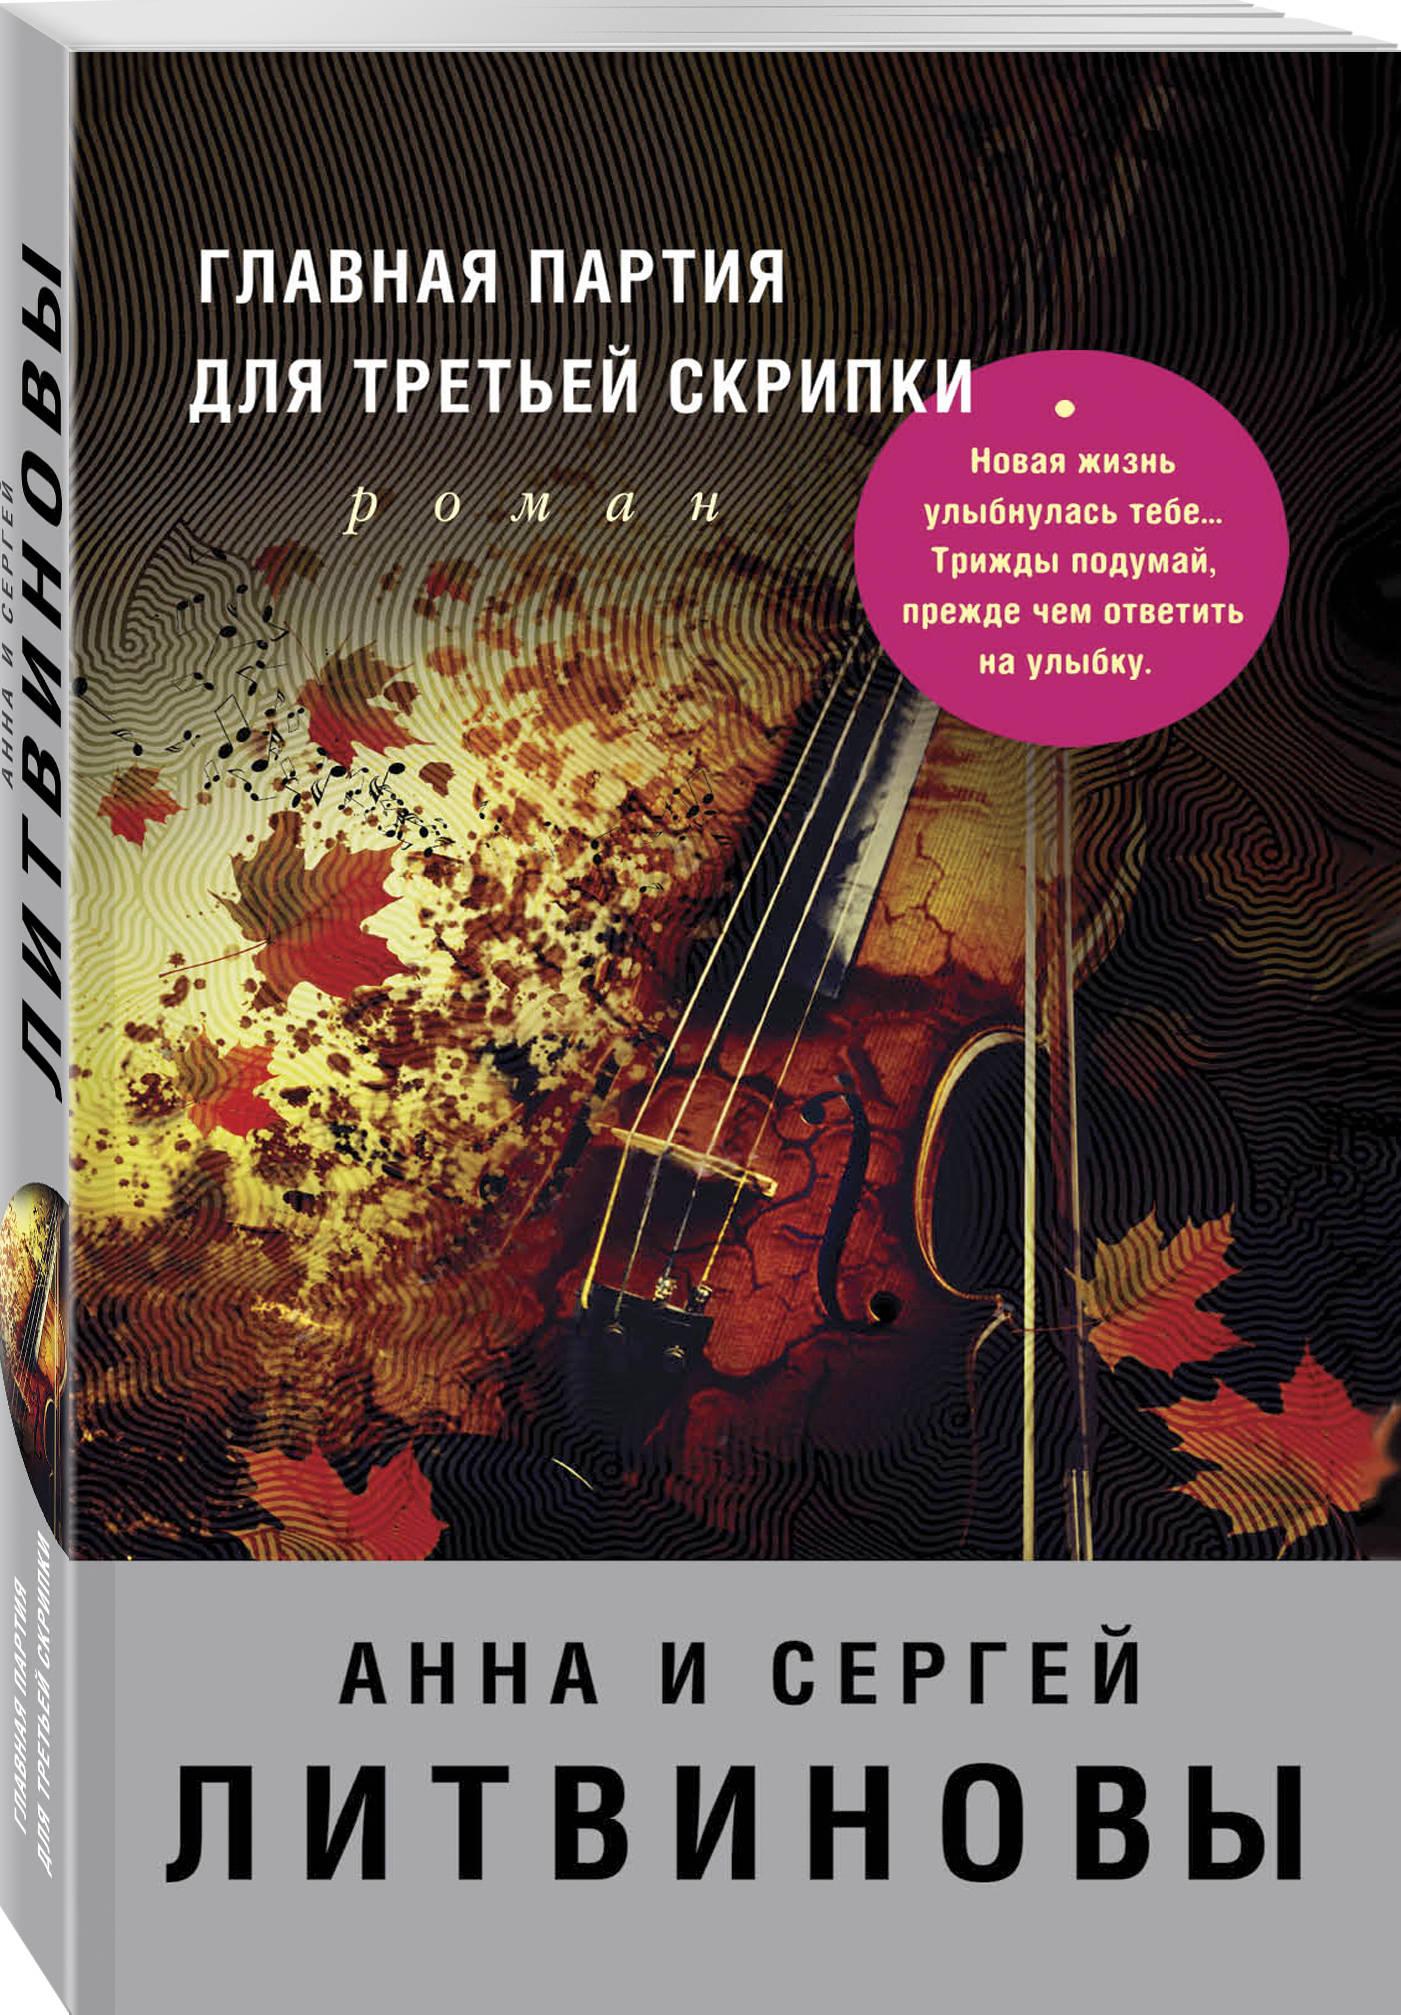 Литвинова А.В., Литвинов С.В. Главная партия для третьей скрипки литвинова а литвинов с ideal жертвы